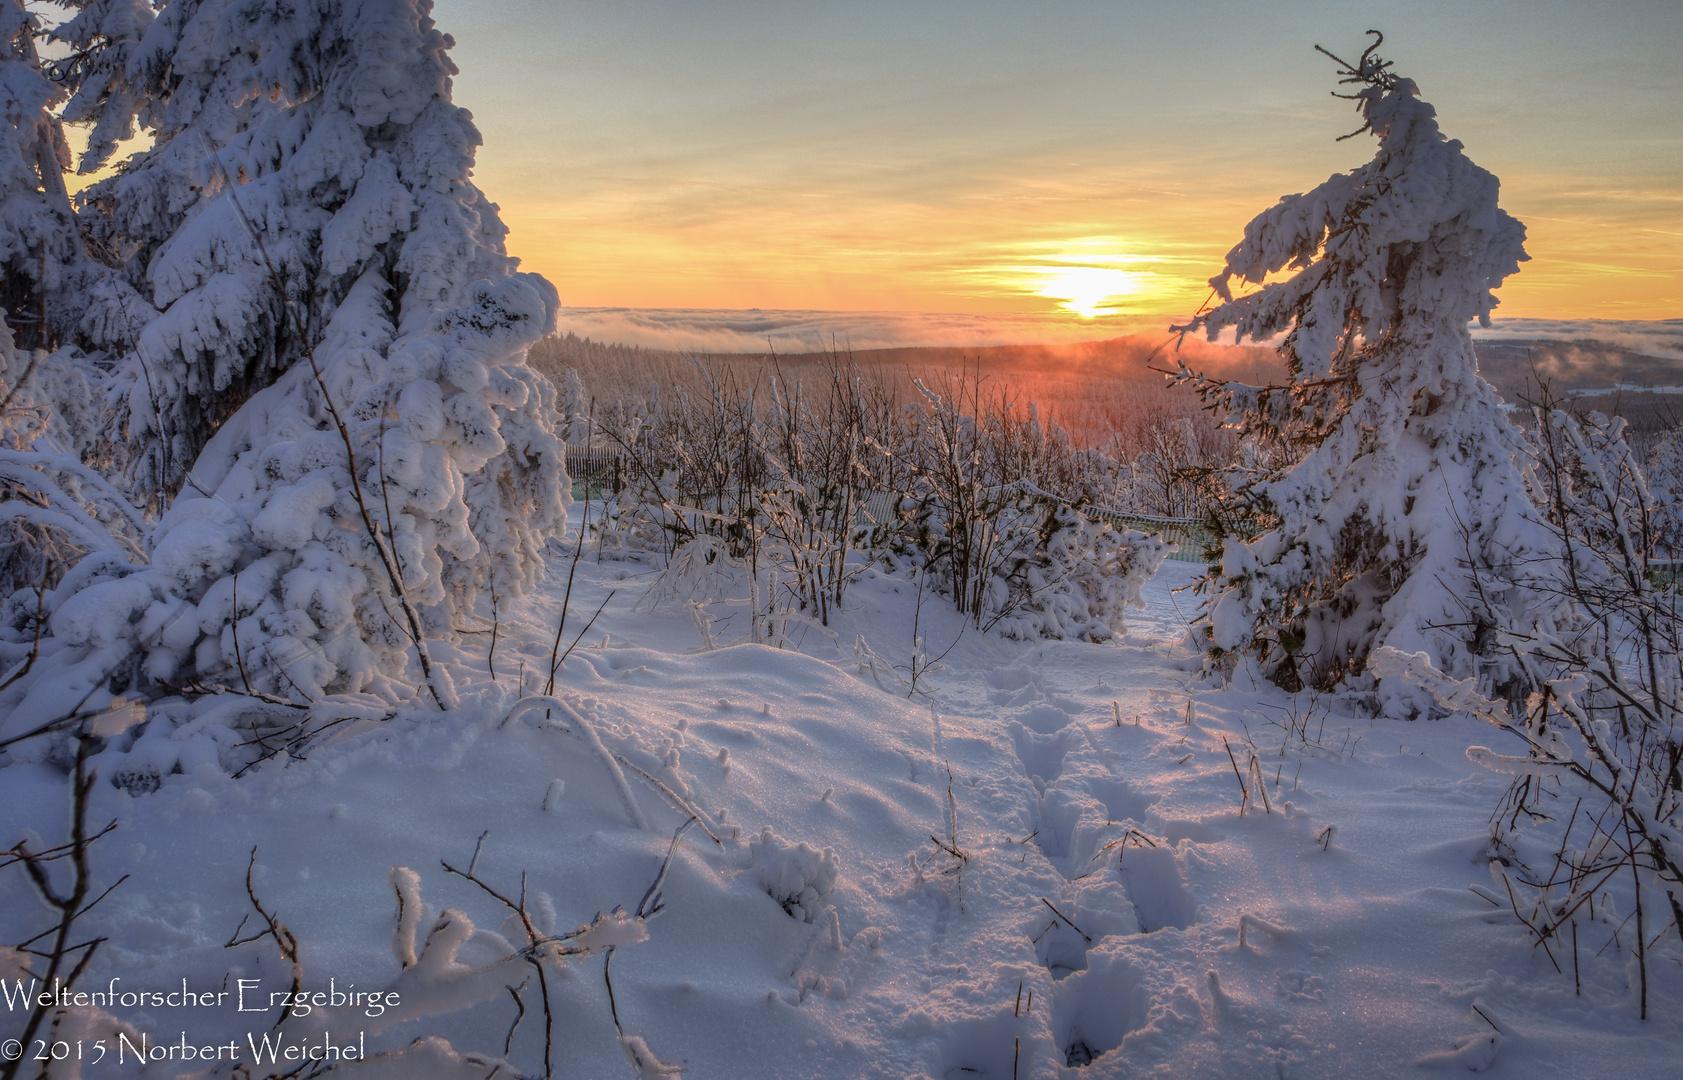 winterlandschaft mit sonnenuntergang auf dem fichtelberg foto bild jahreszeiten winter. Black Bedroom Furniture Sets. Home Design Ideas